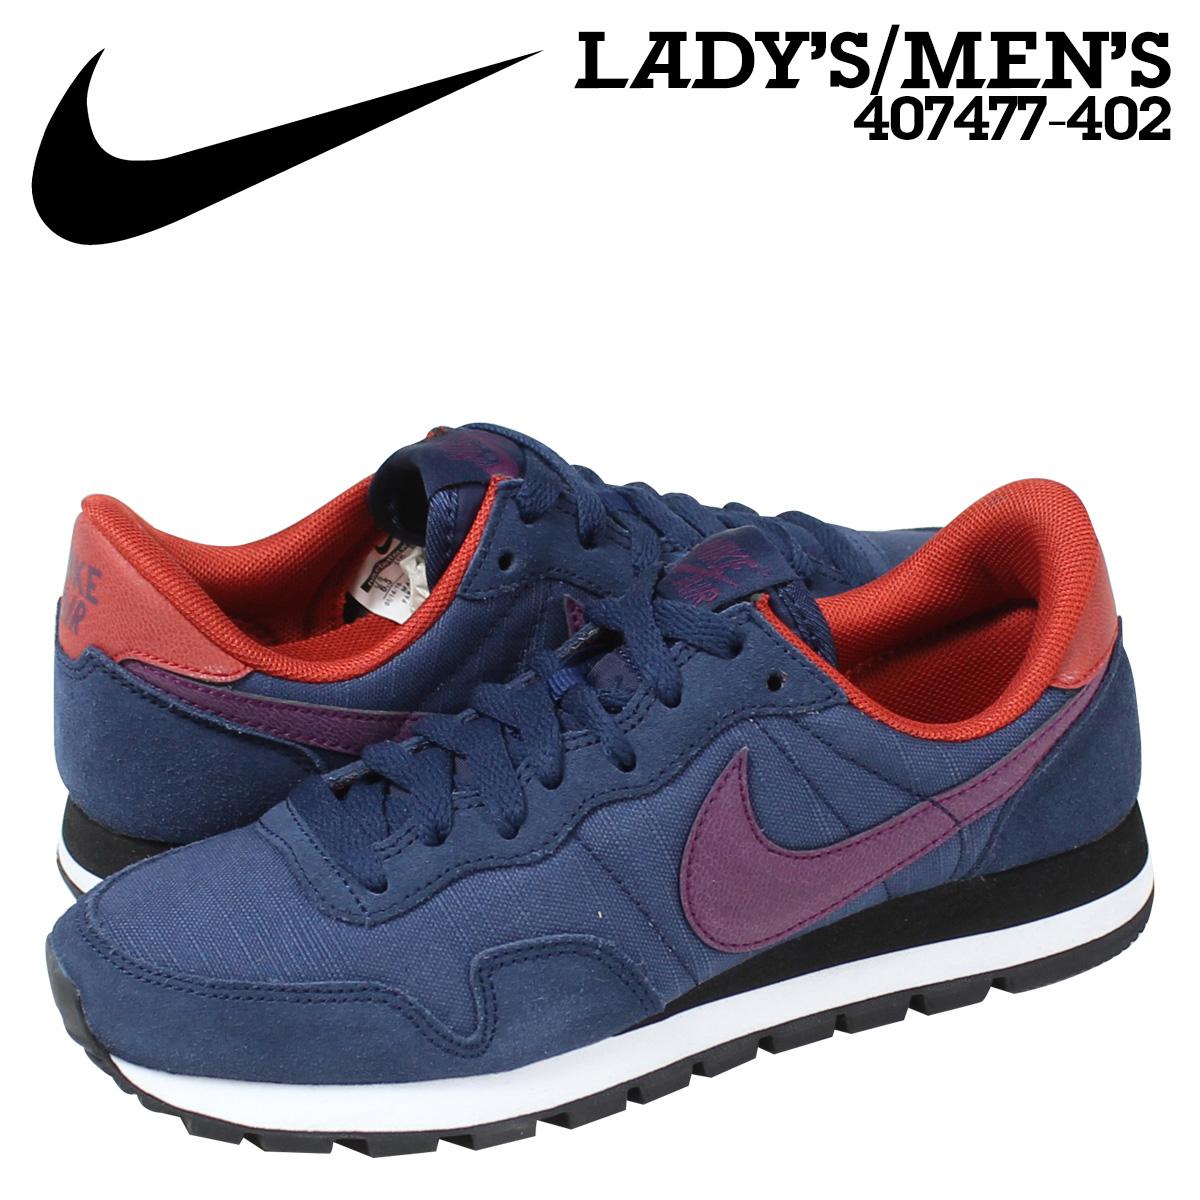 05e49c325905 ... promo code for nike air pegasus 83 sneakers 4adbd b0f24